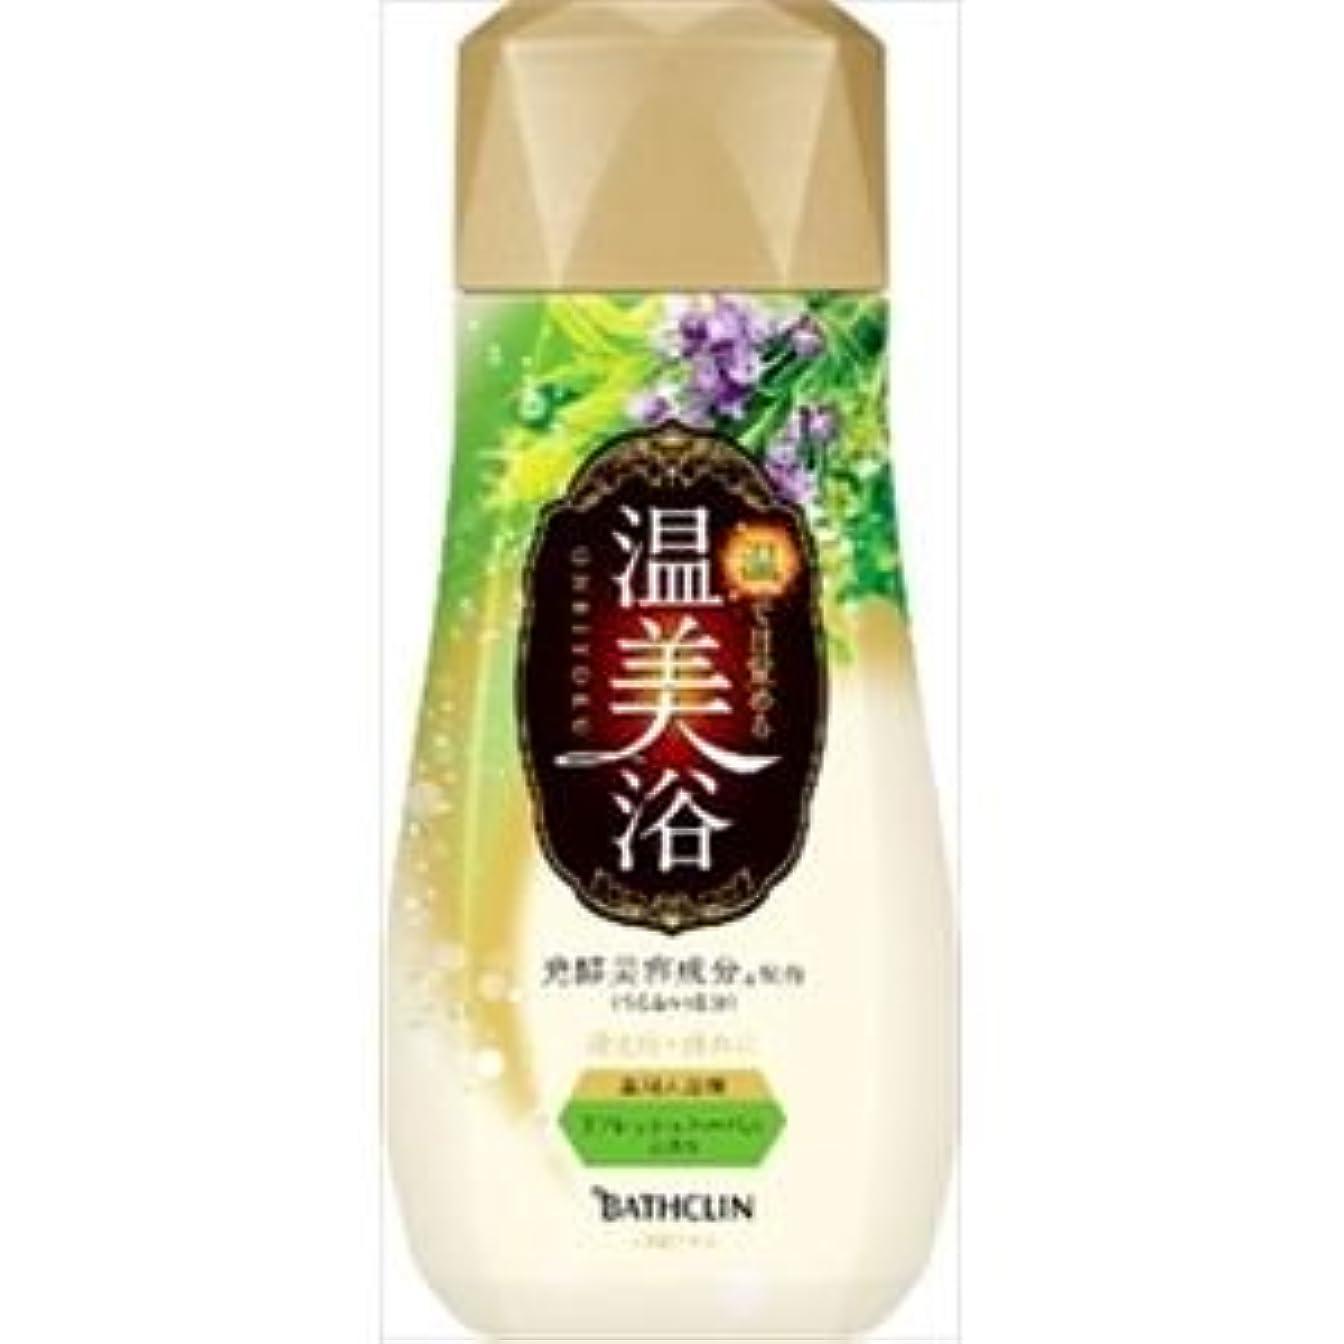 第アパル欲しいです(まとめ)バスクリン 温美浴 リフレッシュハーバルの香り 480g 【×3点セット】